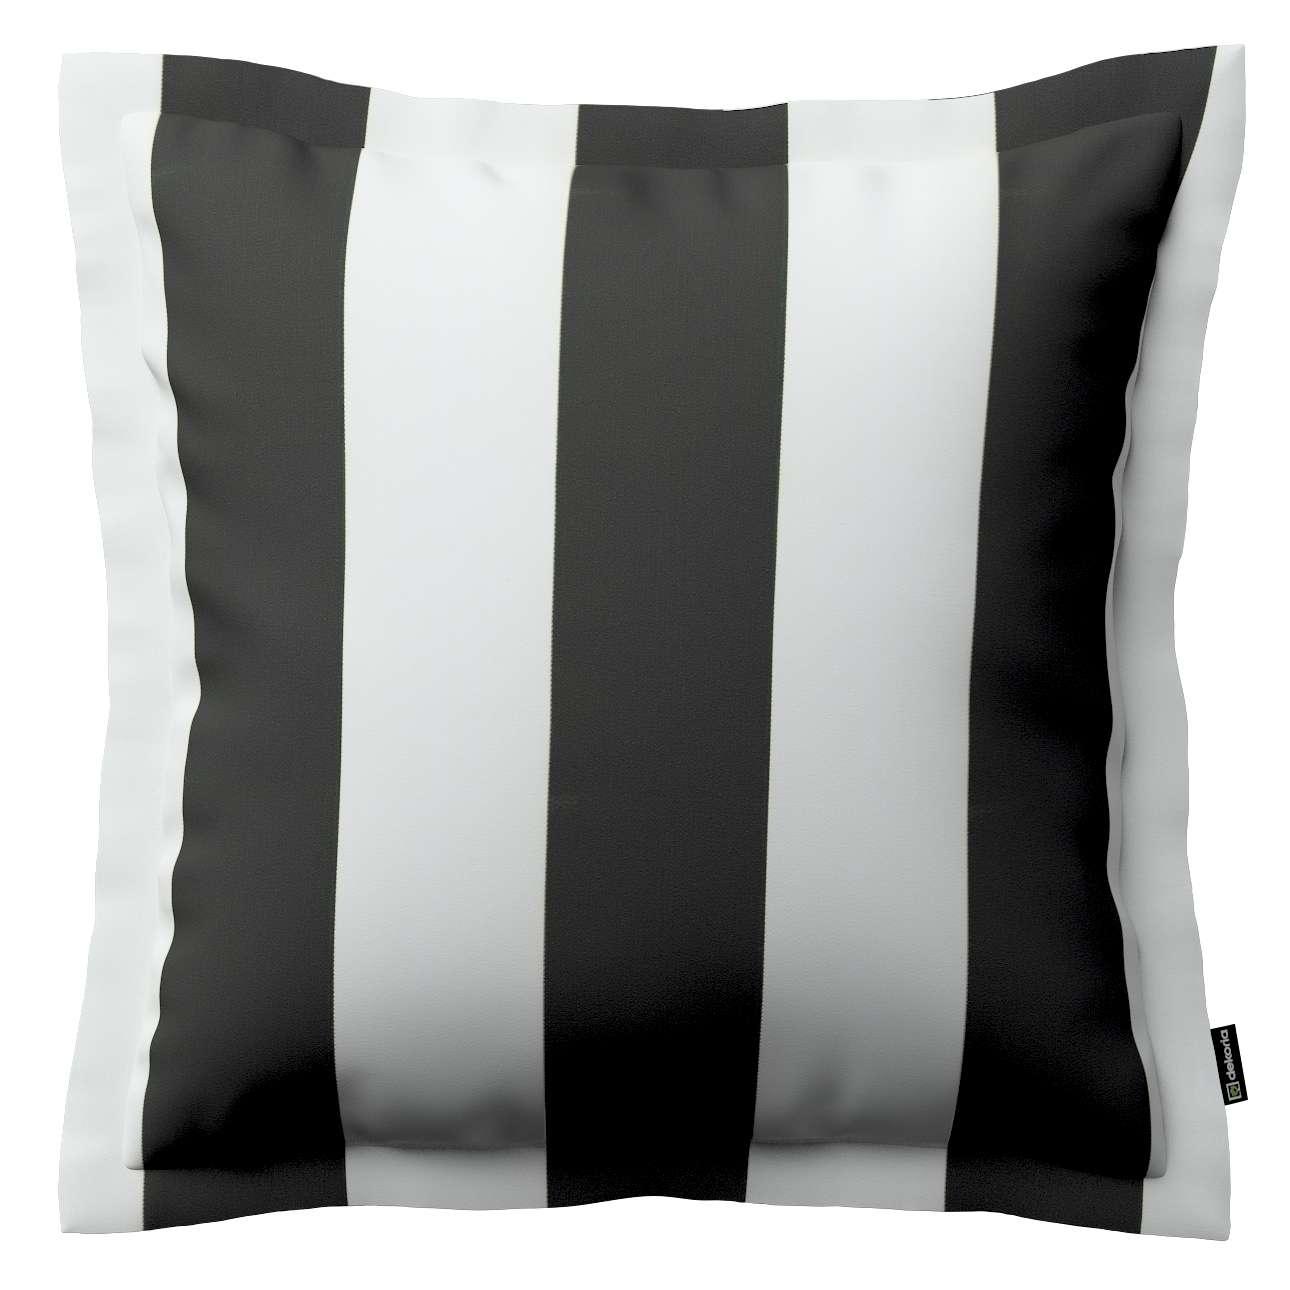 Mona dekoratyvinių pagalvėlių užvalkalas su sienele 45 x 45cm kolekcijoje Comics Prints, audinys: 137-53